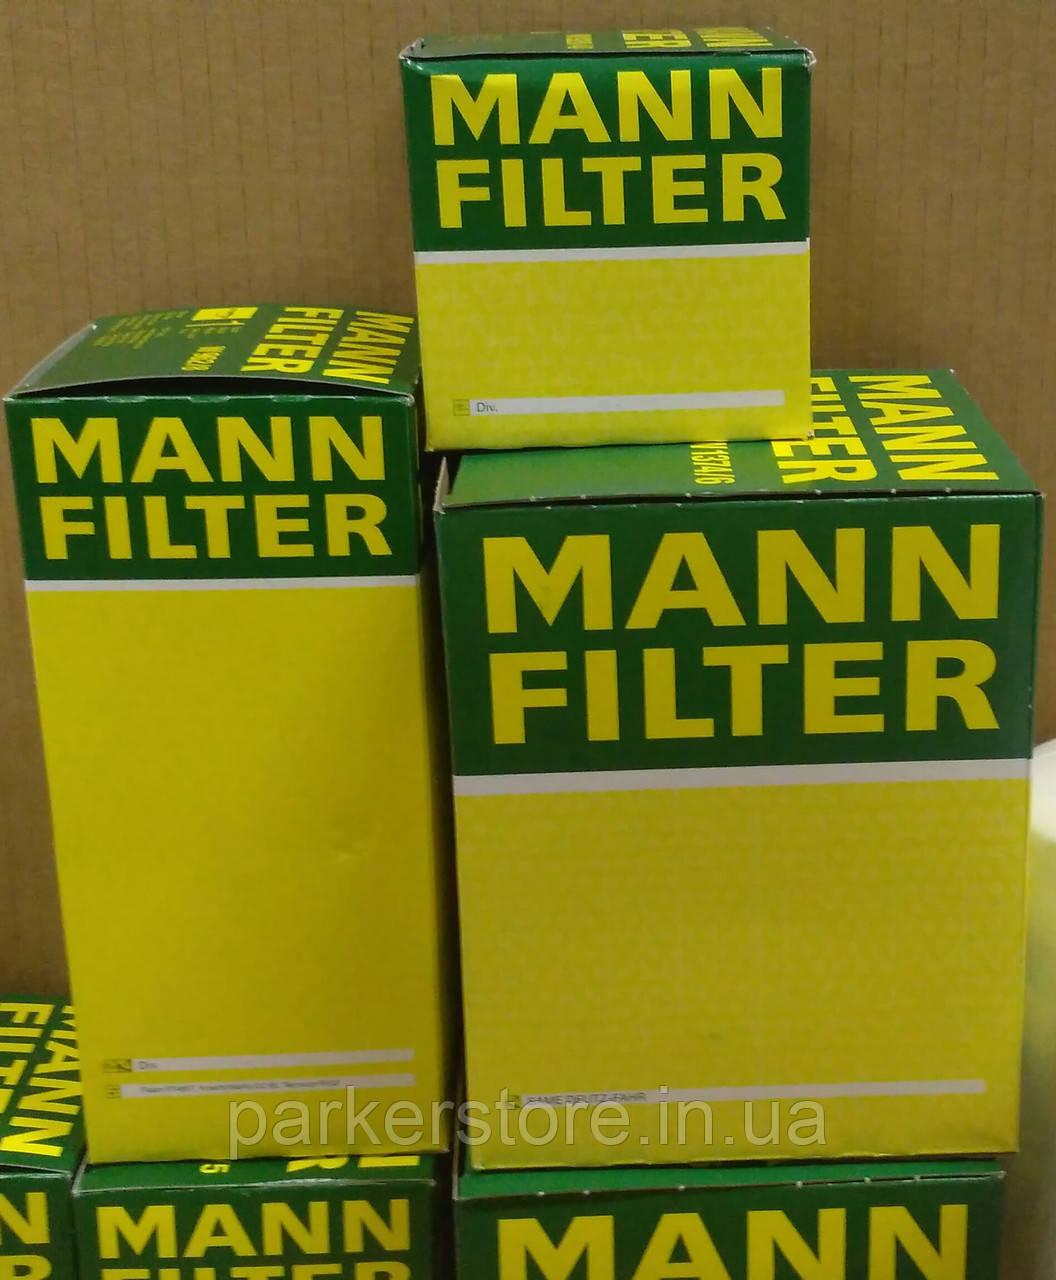 MANN FILTER / Повітряний фільтр / C 31 016 / C31016